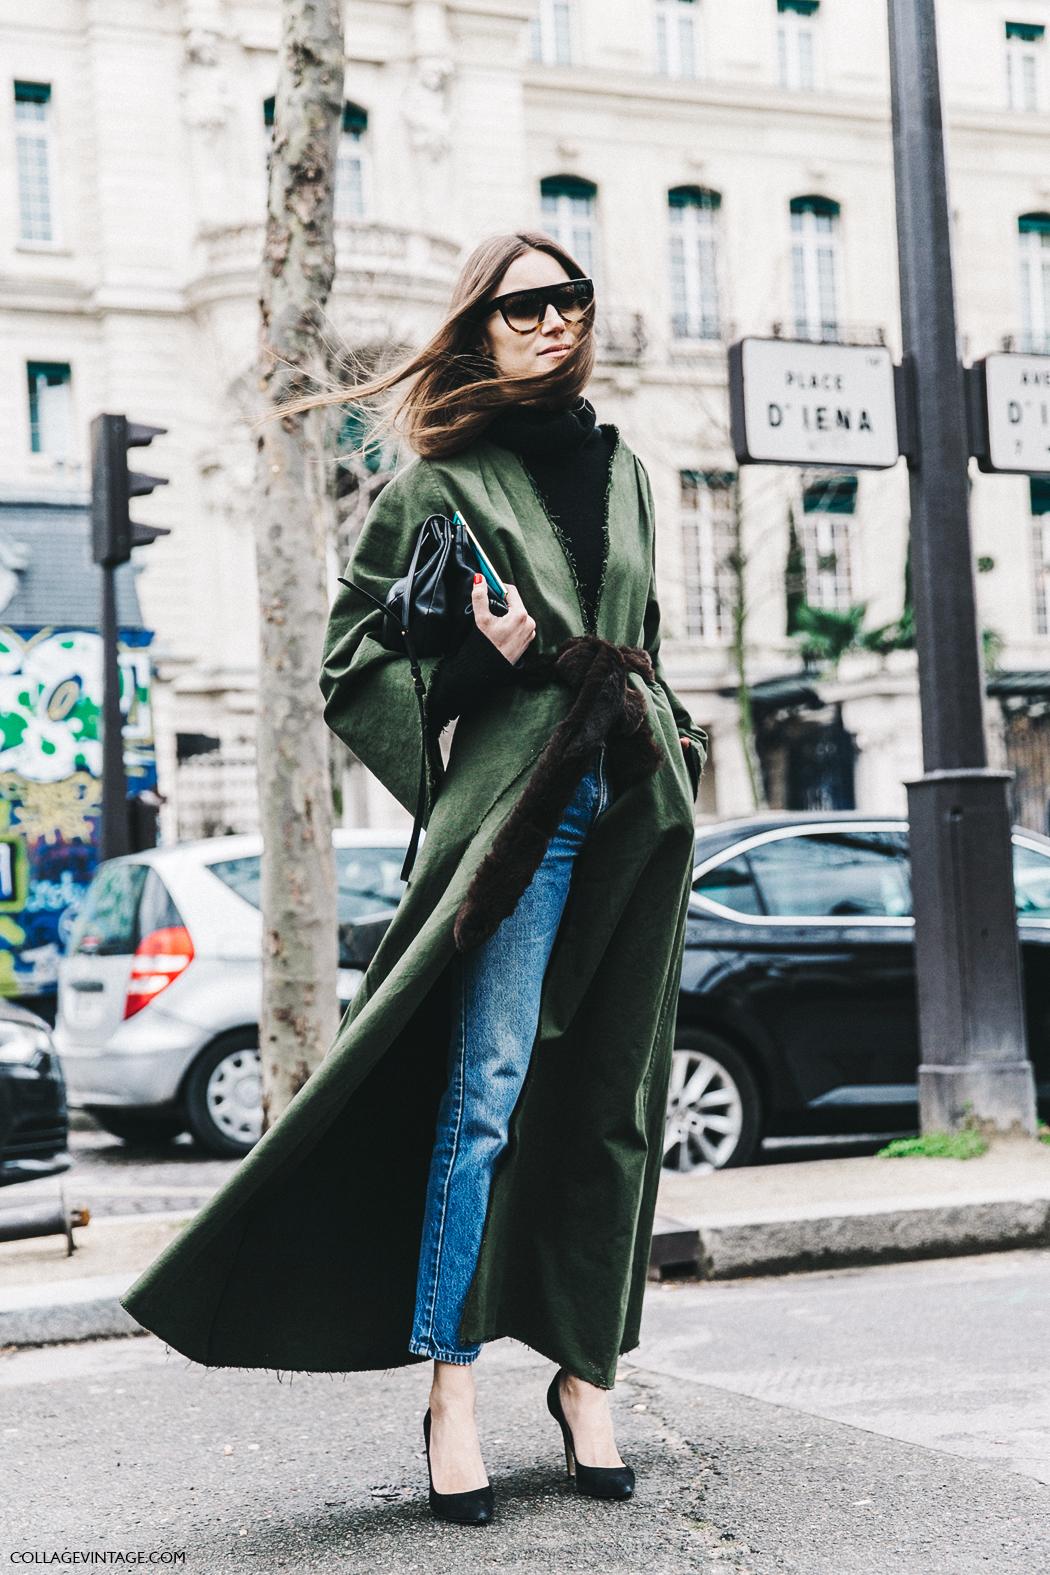 PFW-Paris_Fashion_Week_Fall_2016-Street_Style-Collage_Vintage-Miu_Miu-giorgia_Tordini-The_Attico-5